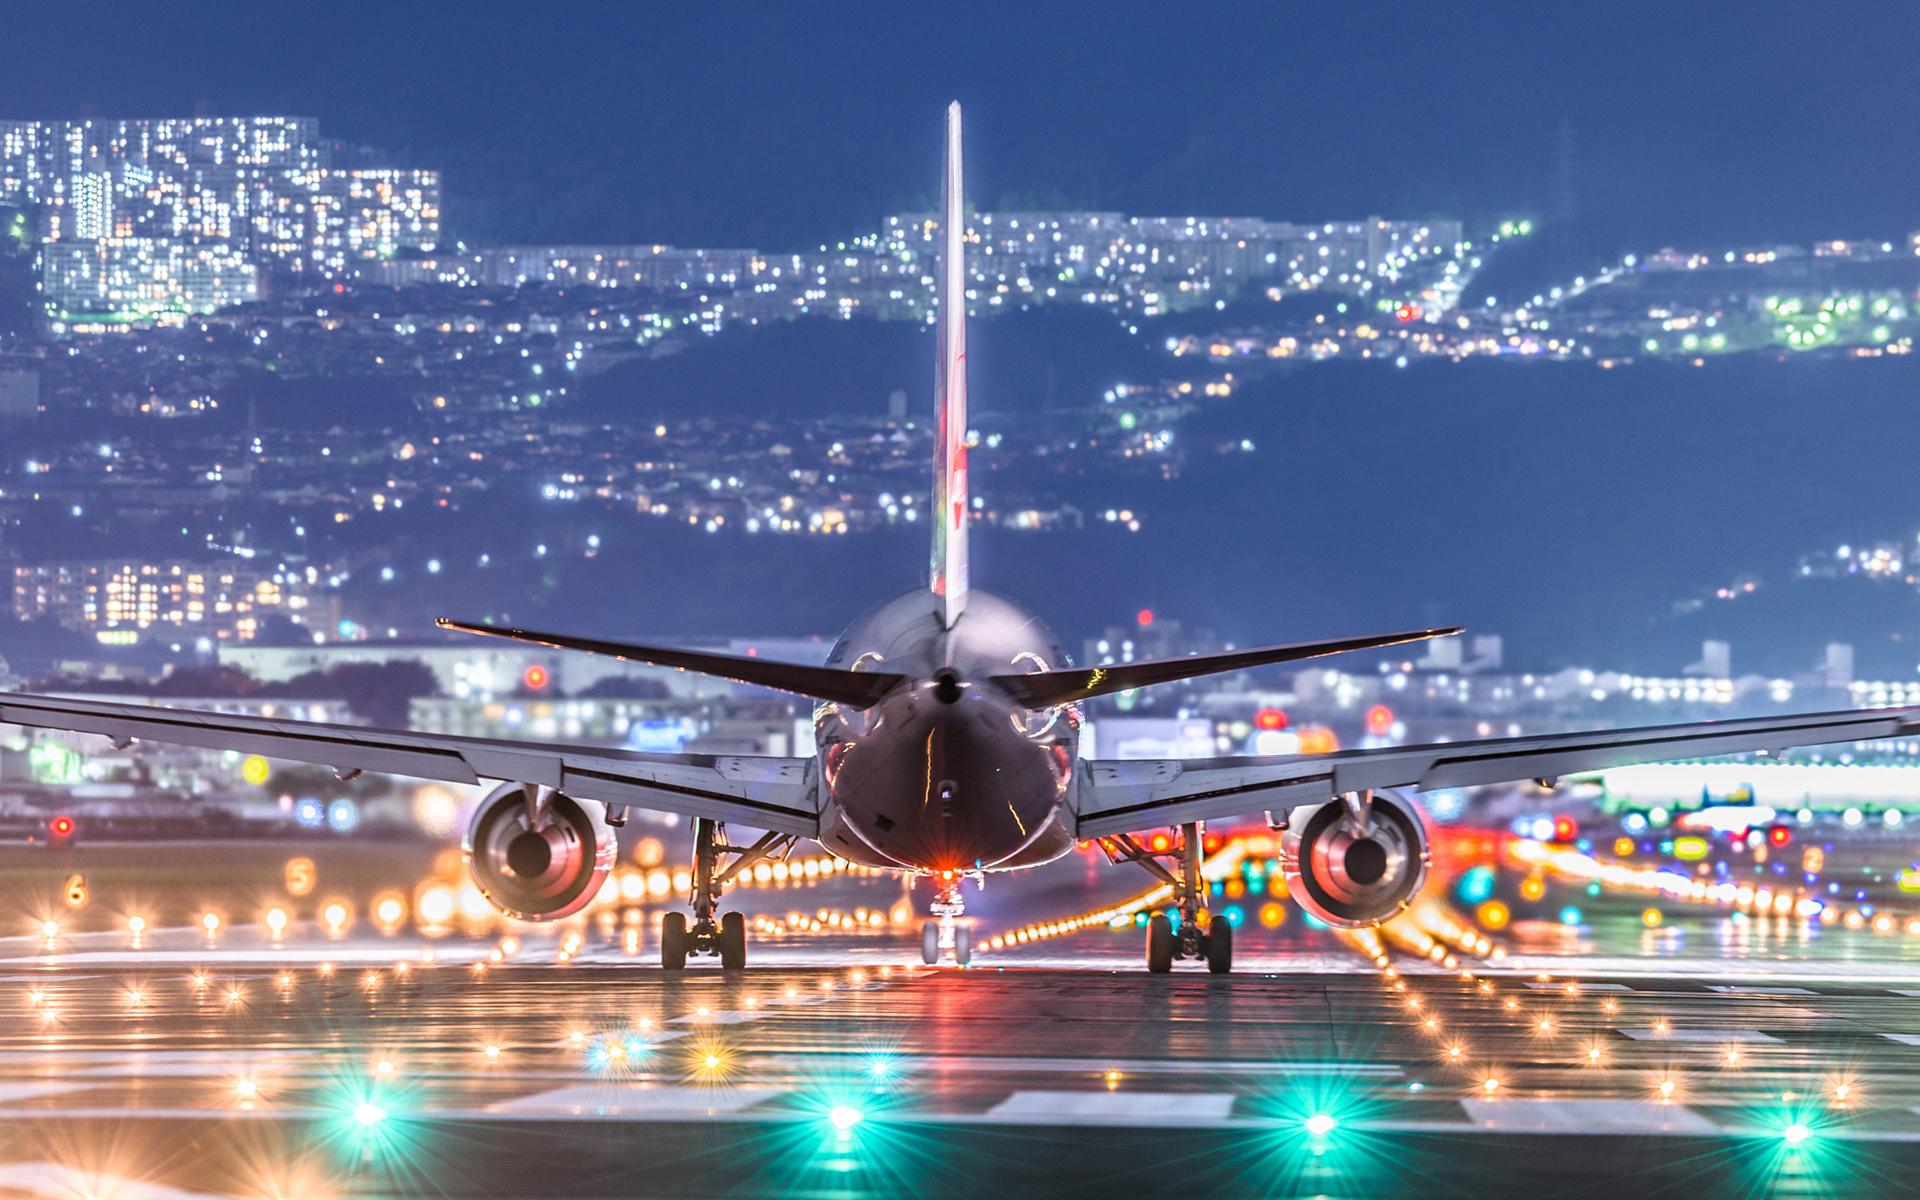 мыло ручной картинку фото взлет самолета венге